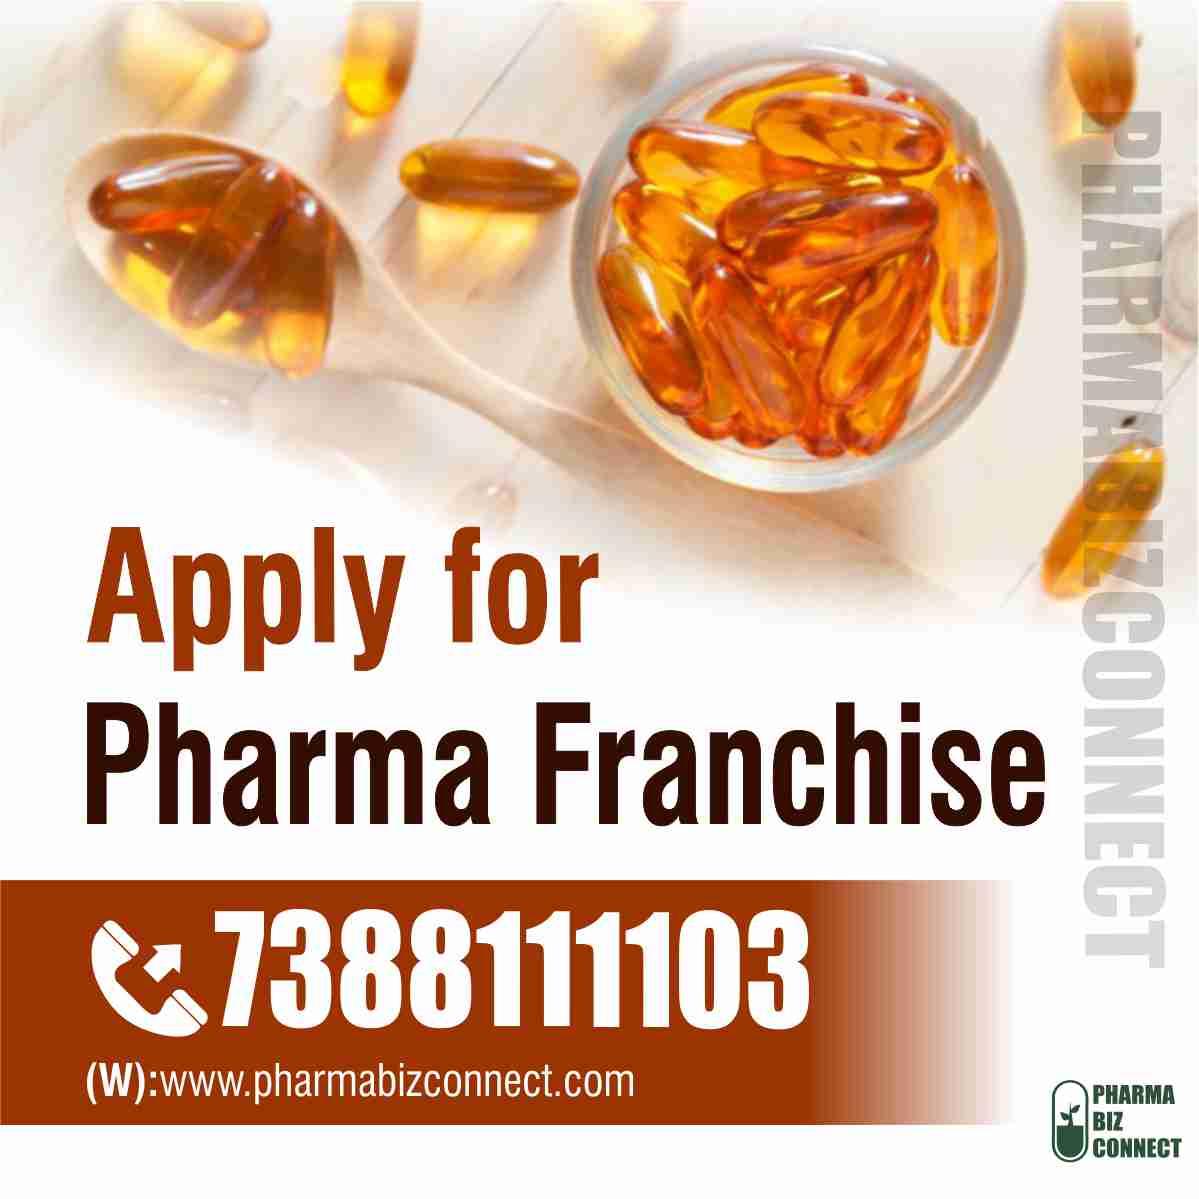 Apply for Pharma Franchise